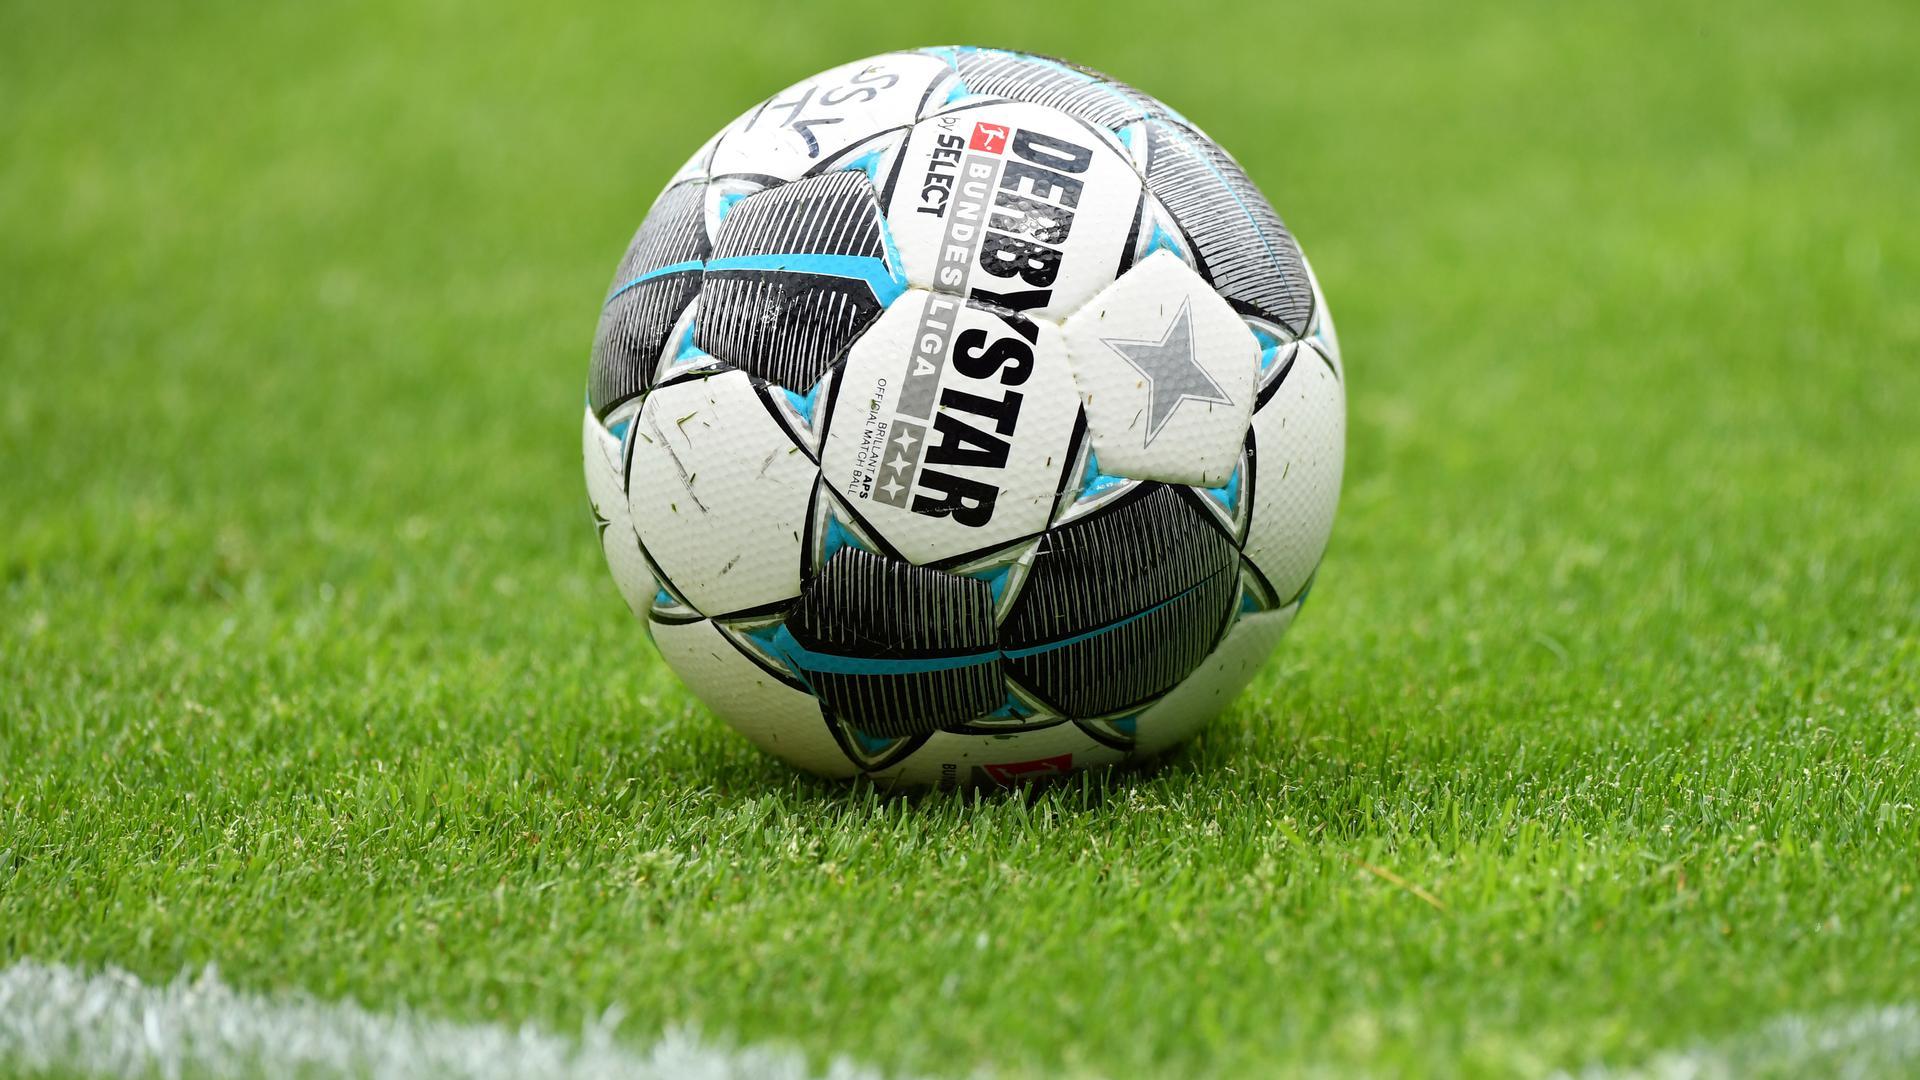 Der offizielle Spielball von Derbystar liegt auf dem Rasen.